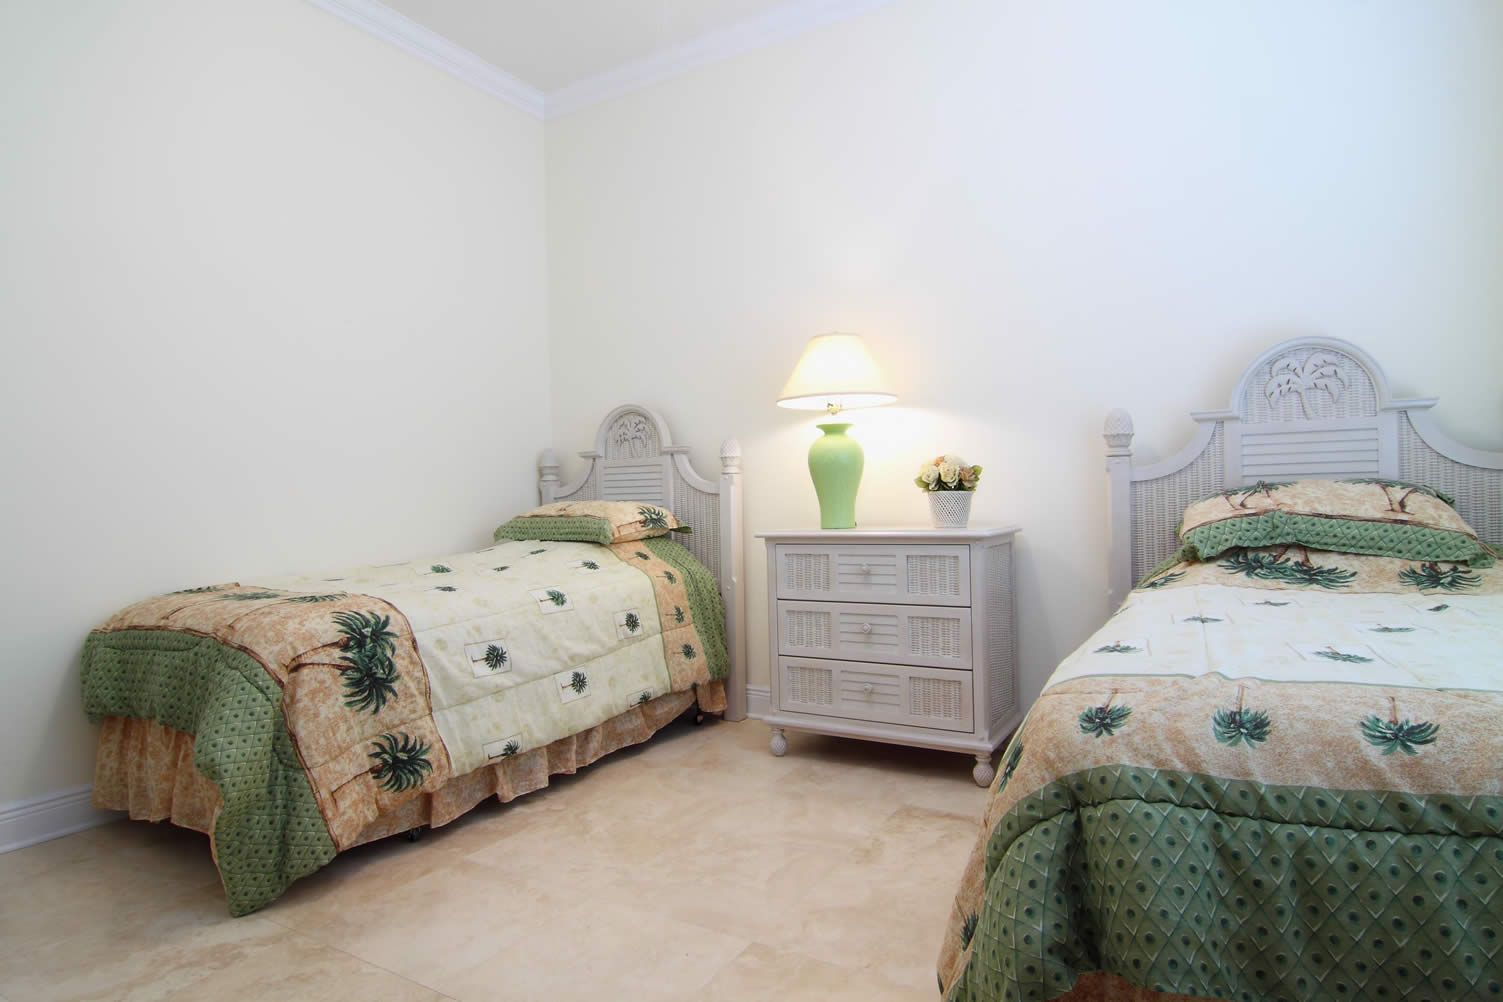 basement bedroom space